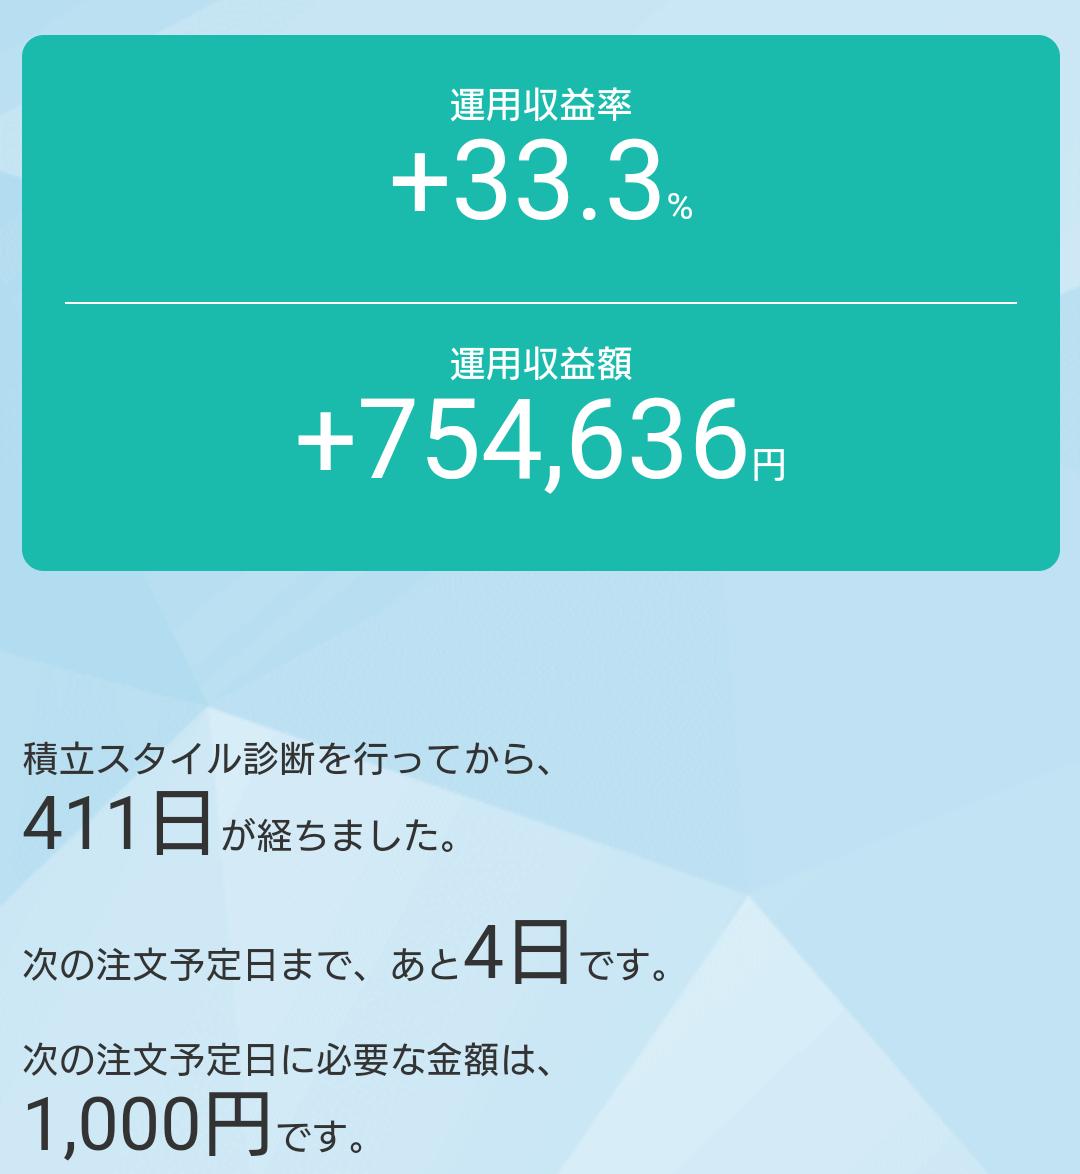 f:id:kame_kabu:20210918212621p:plain